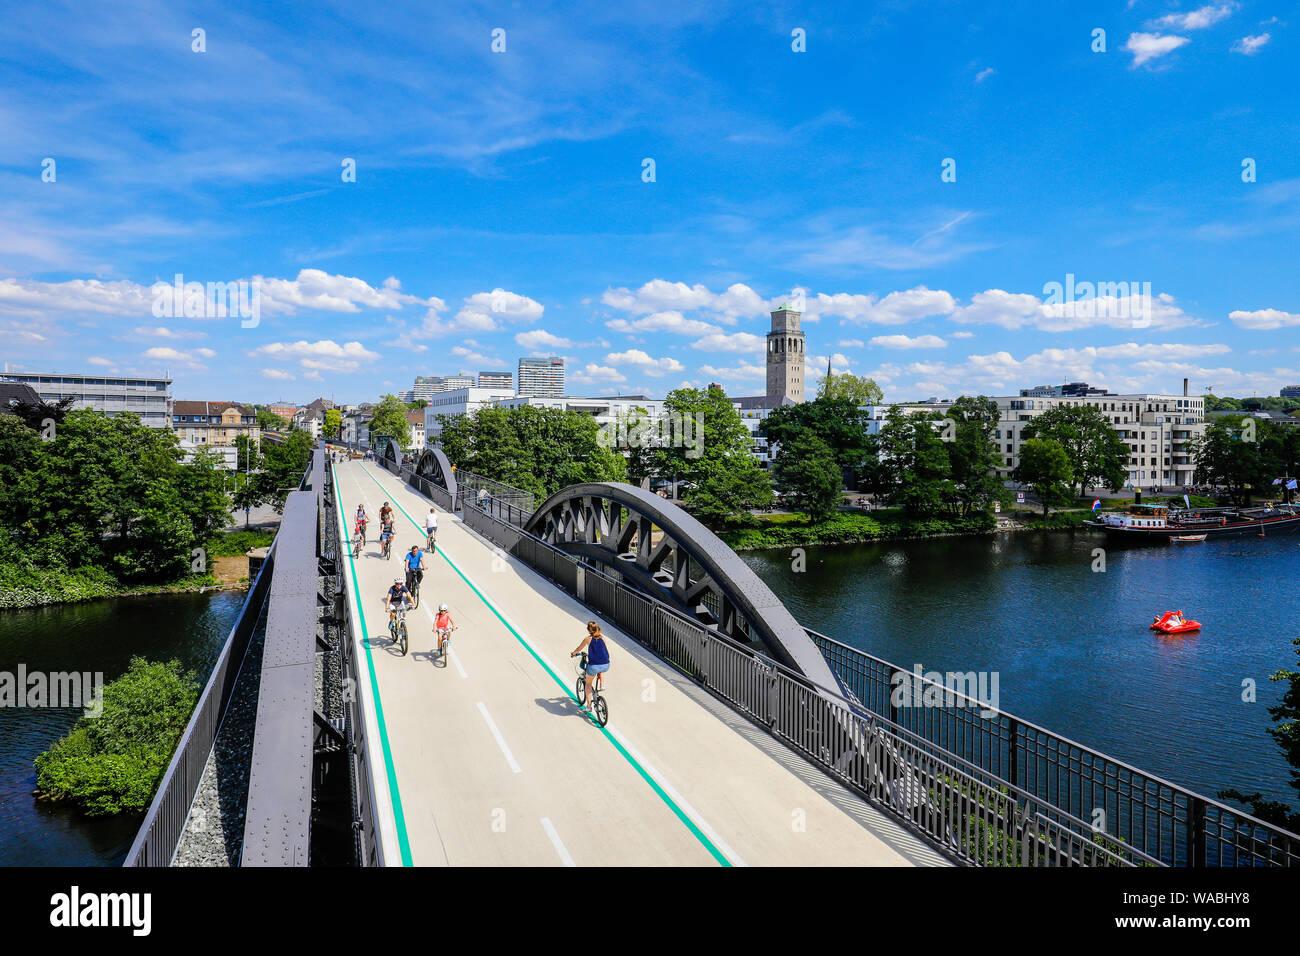 Muelheim an der Ruhr, Ruhr, Rhénanie du Nord-Westphalie, Allemagne - location l'autoroute, Ruhr RS1 express way, conduit à Muelheim sur un ancien pont de chemin de fer Banque D'Images